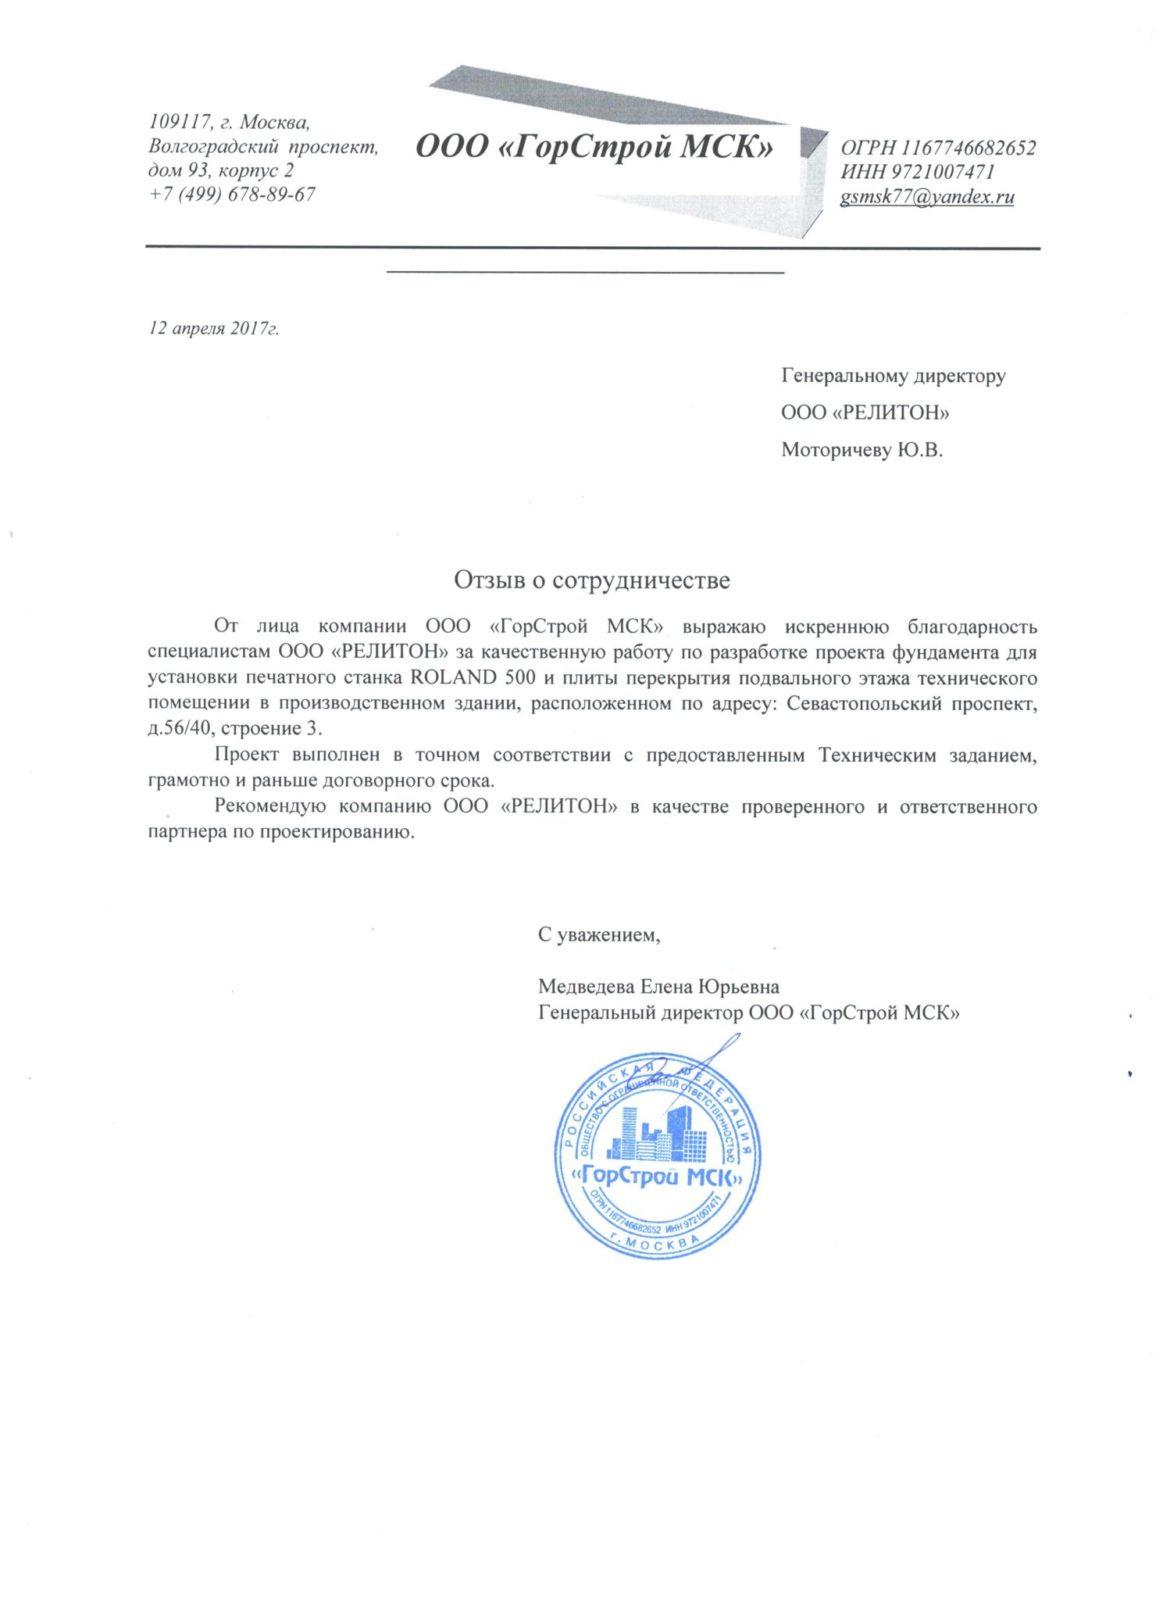 Otzyv-o-sotrudnichestve-s-kompaniej-reliton-ot-kompanii-OOO-GorStroj-MSK.jpg